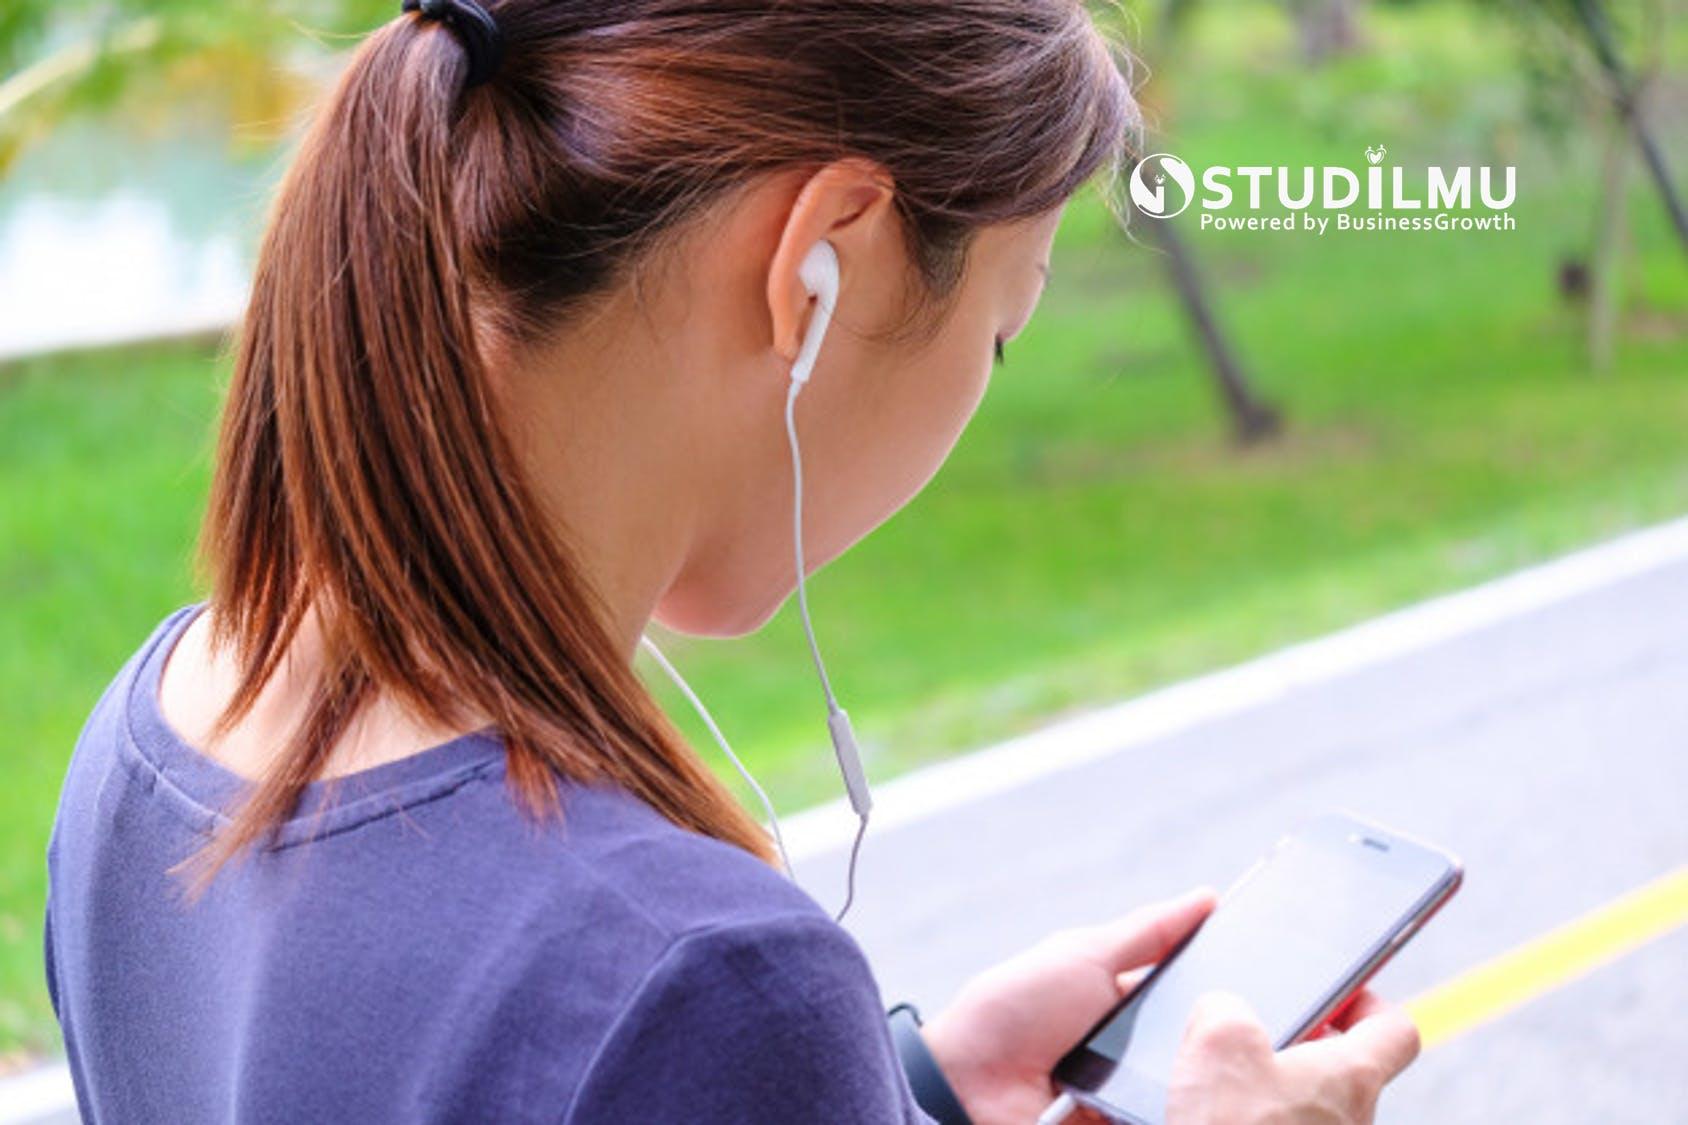 STUDILMU Career Advice - 8 Tips Berjejaring bagi Orang Pendiam